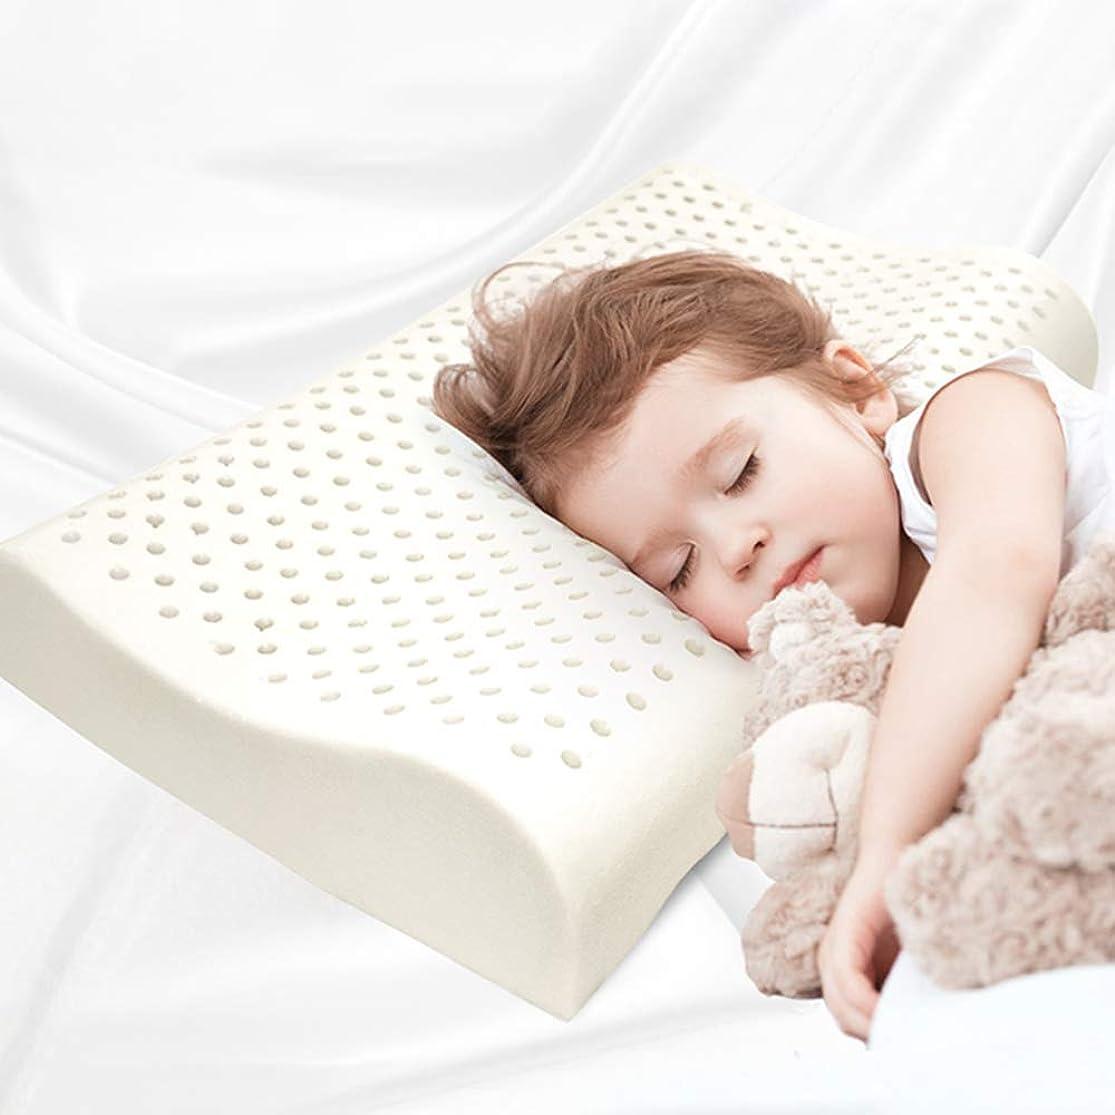 盆ジャンプする不可能な健康枕 ピロー キッズ 枕 子供 高反発 通気 抗菌防ダニ 防臭 100% 綿カバー付き 国際SGS認証合格取得 ジュニア 安眠枕 ラテックス枕 寝具 天然ゴム枕 5歳から12歳効果抜群 (30x50x5-7CM)